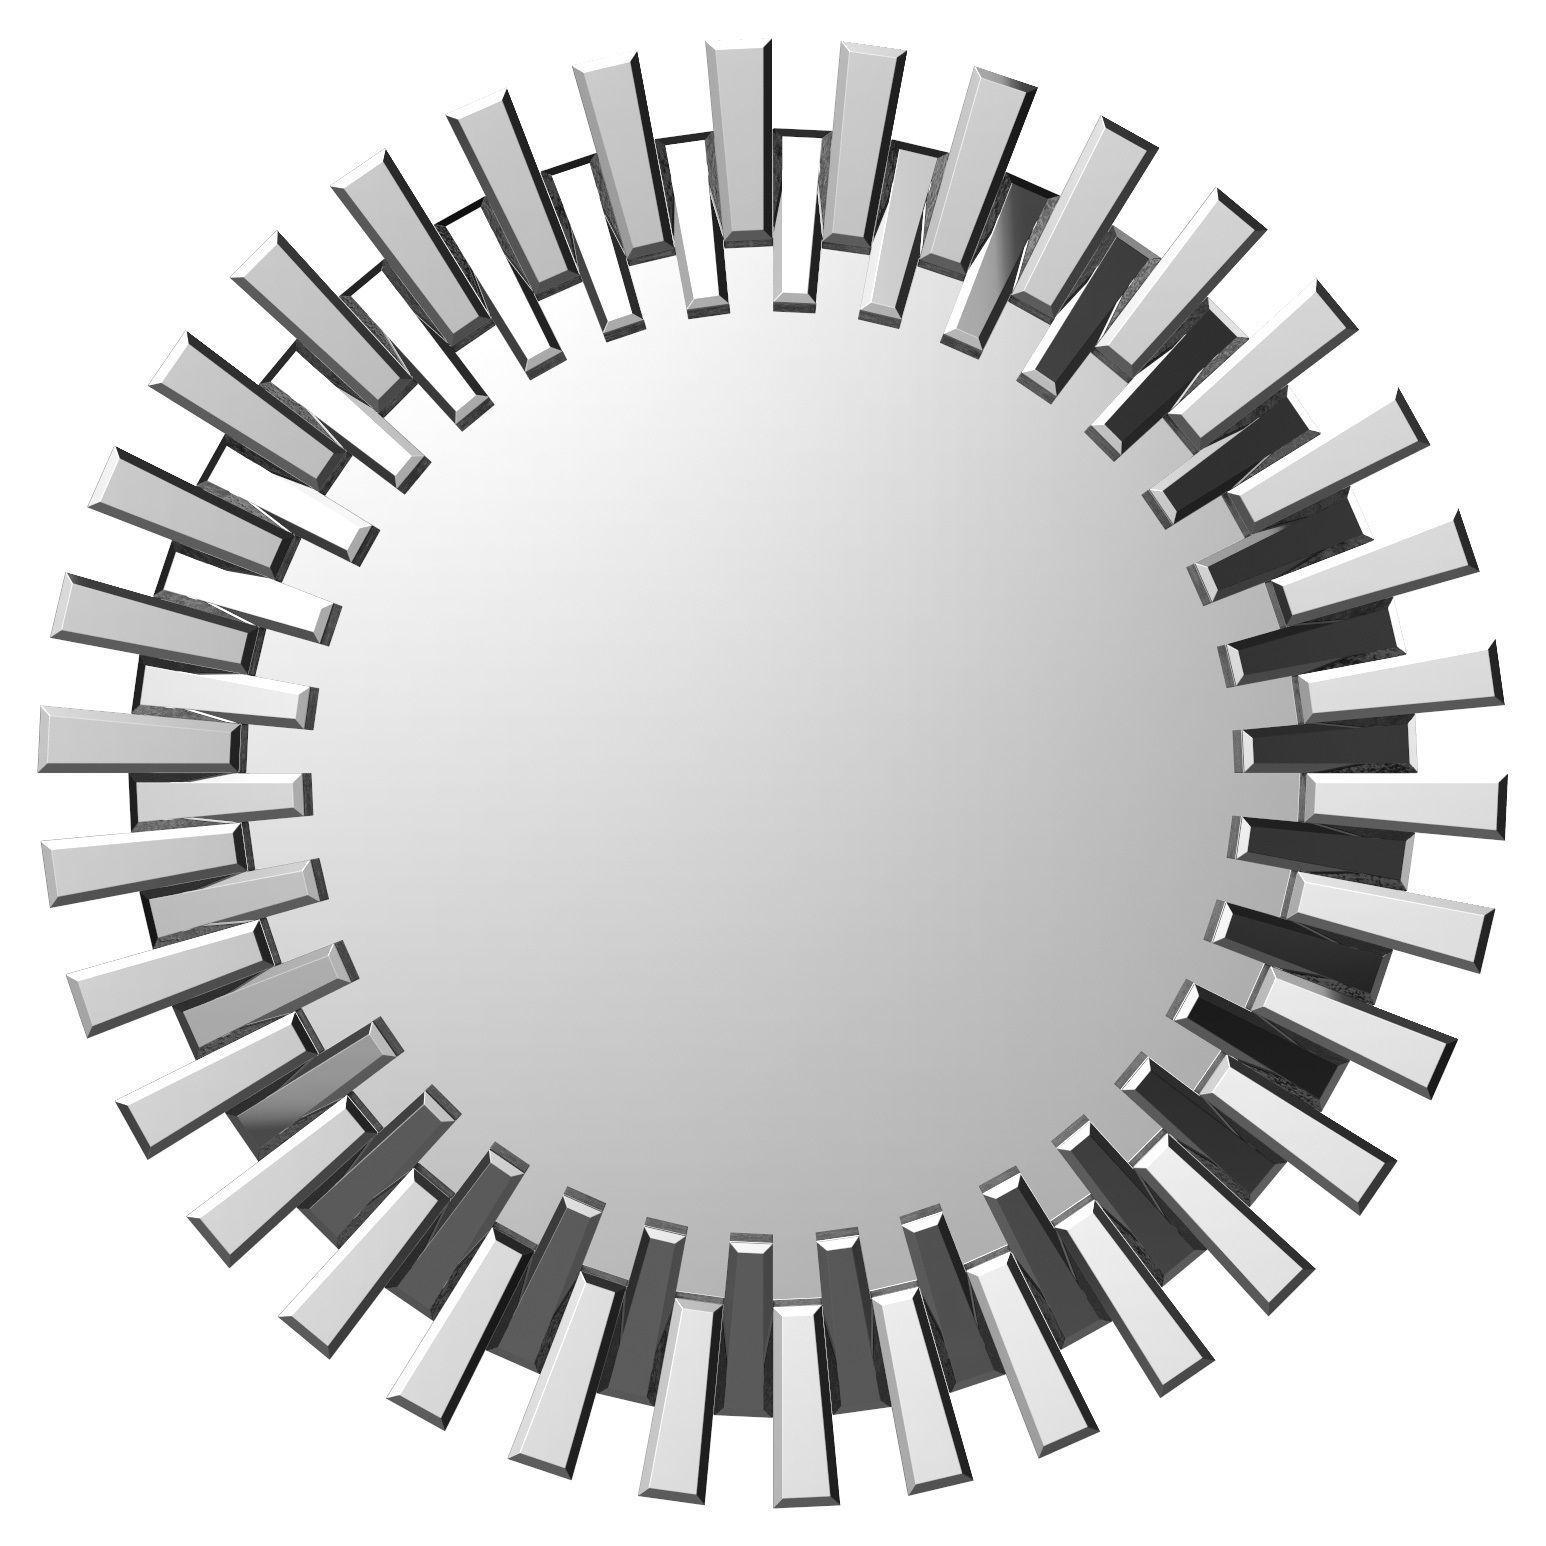 Deniece Sunburst Round Wall Mirror Wrlo7344 | 3D Model For Deniece Sunburst Round Wall Mirrors (Image 5 of 20)